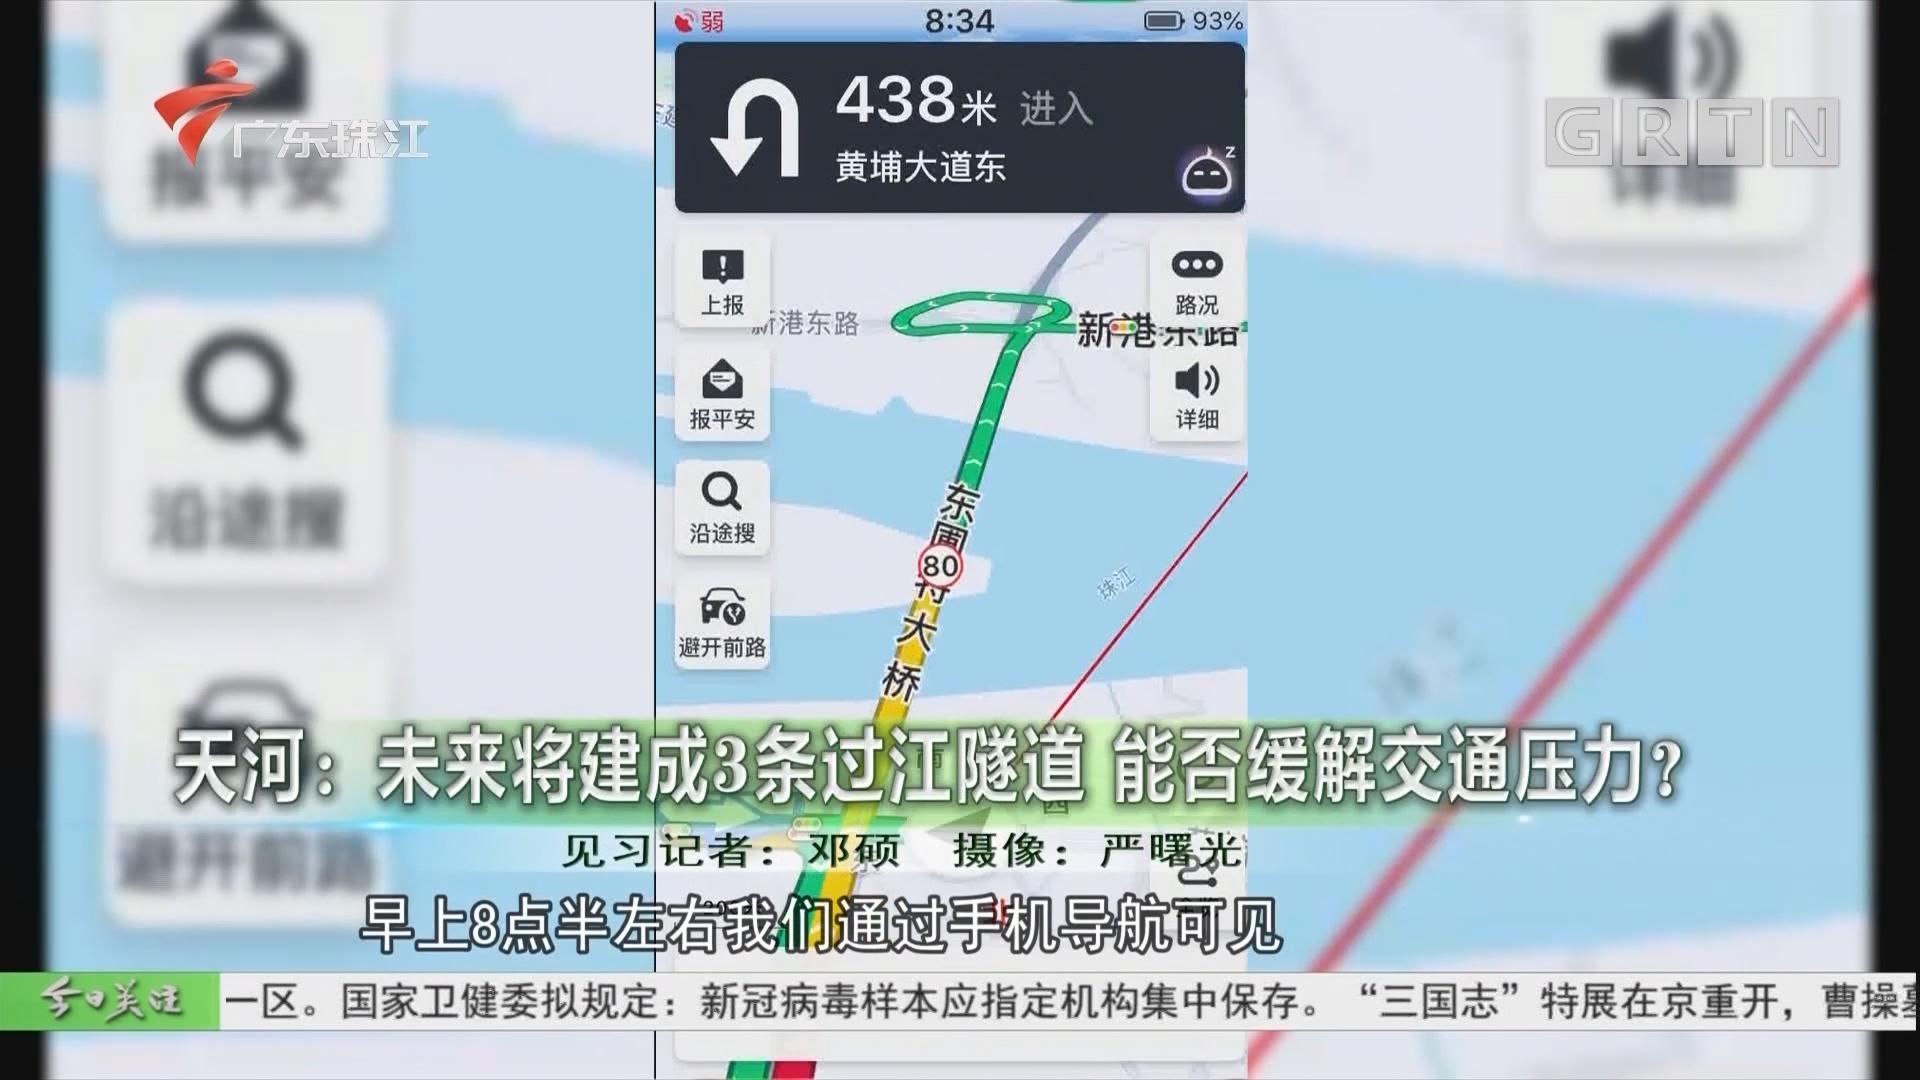 天河:未來將建成3條過江隧道 能否緩解交通壓力?